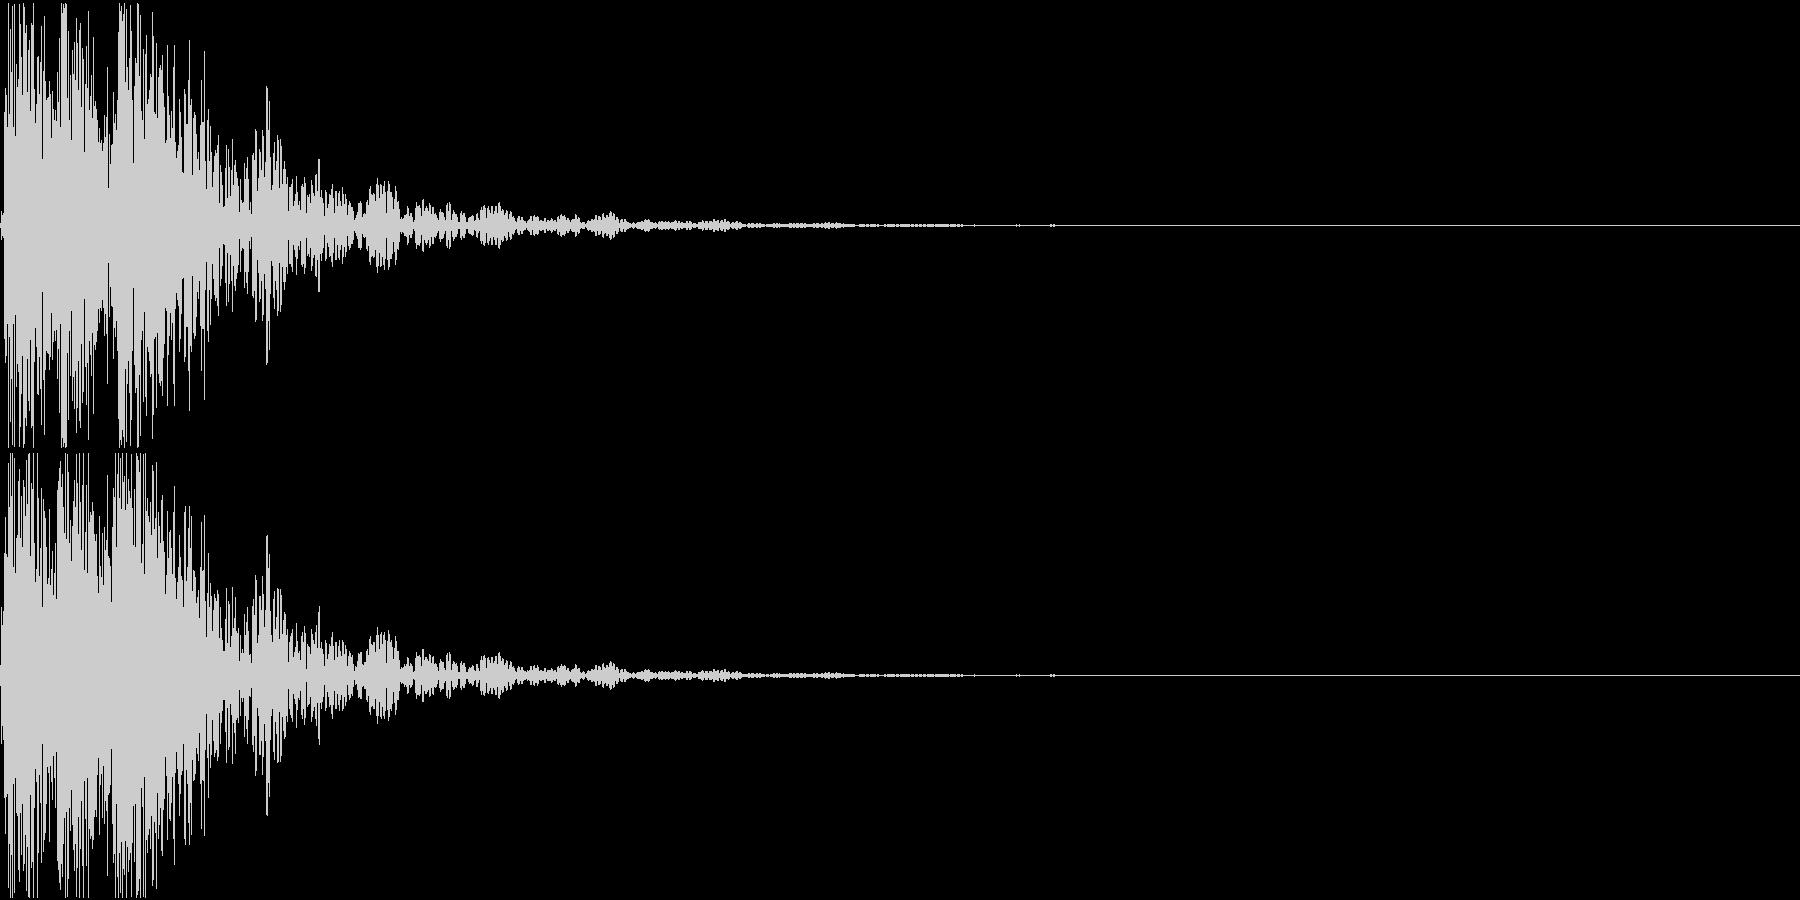 [[デレレン↑]] 和太鼓、箏、三味線の未再生の波形